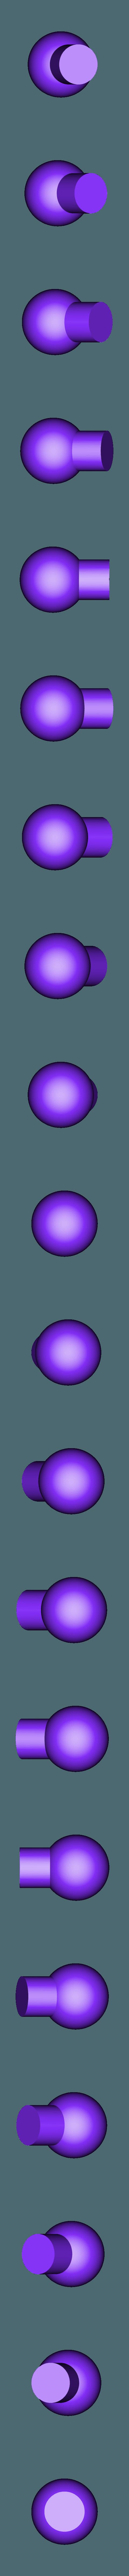 Ball Joint-Large_2X v2.STL Download STL file Grimlock • Model to 3D print, biglildesign